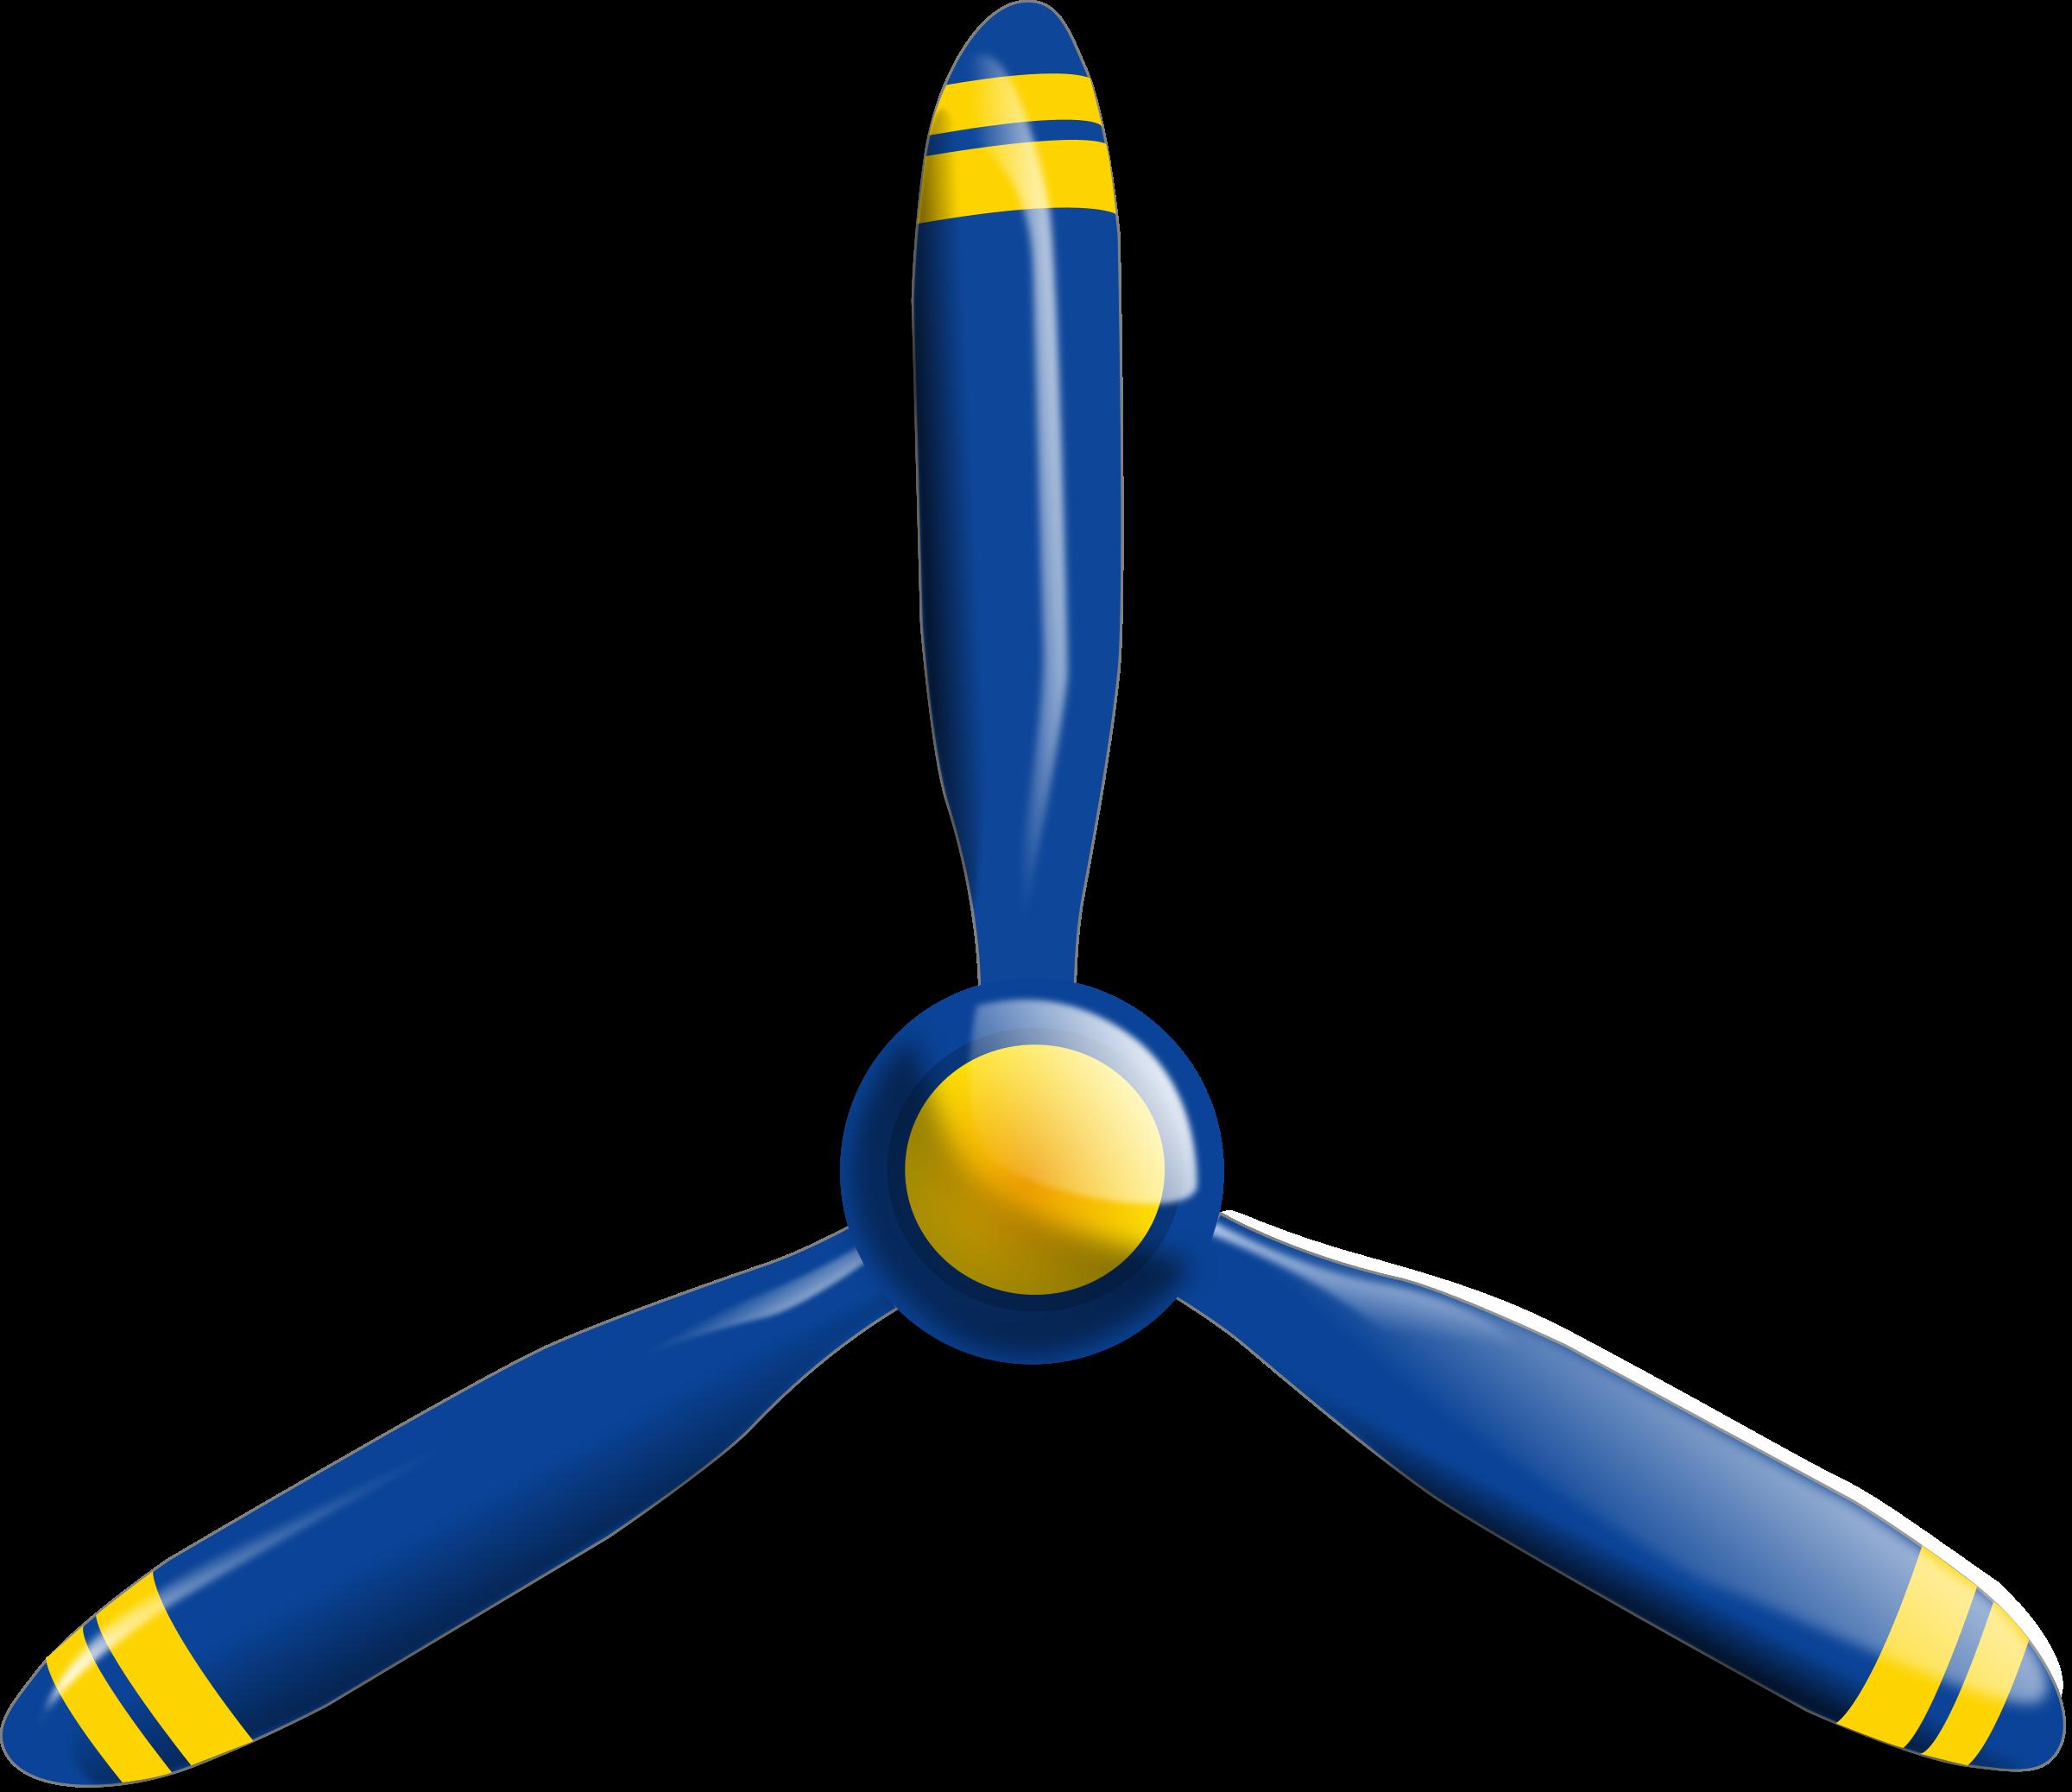 Clipart - Propeller